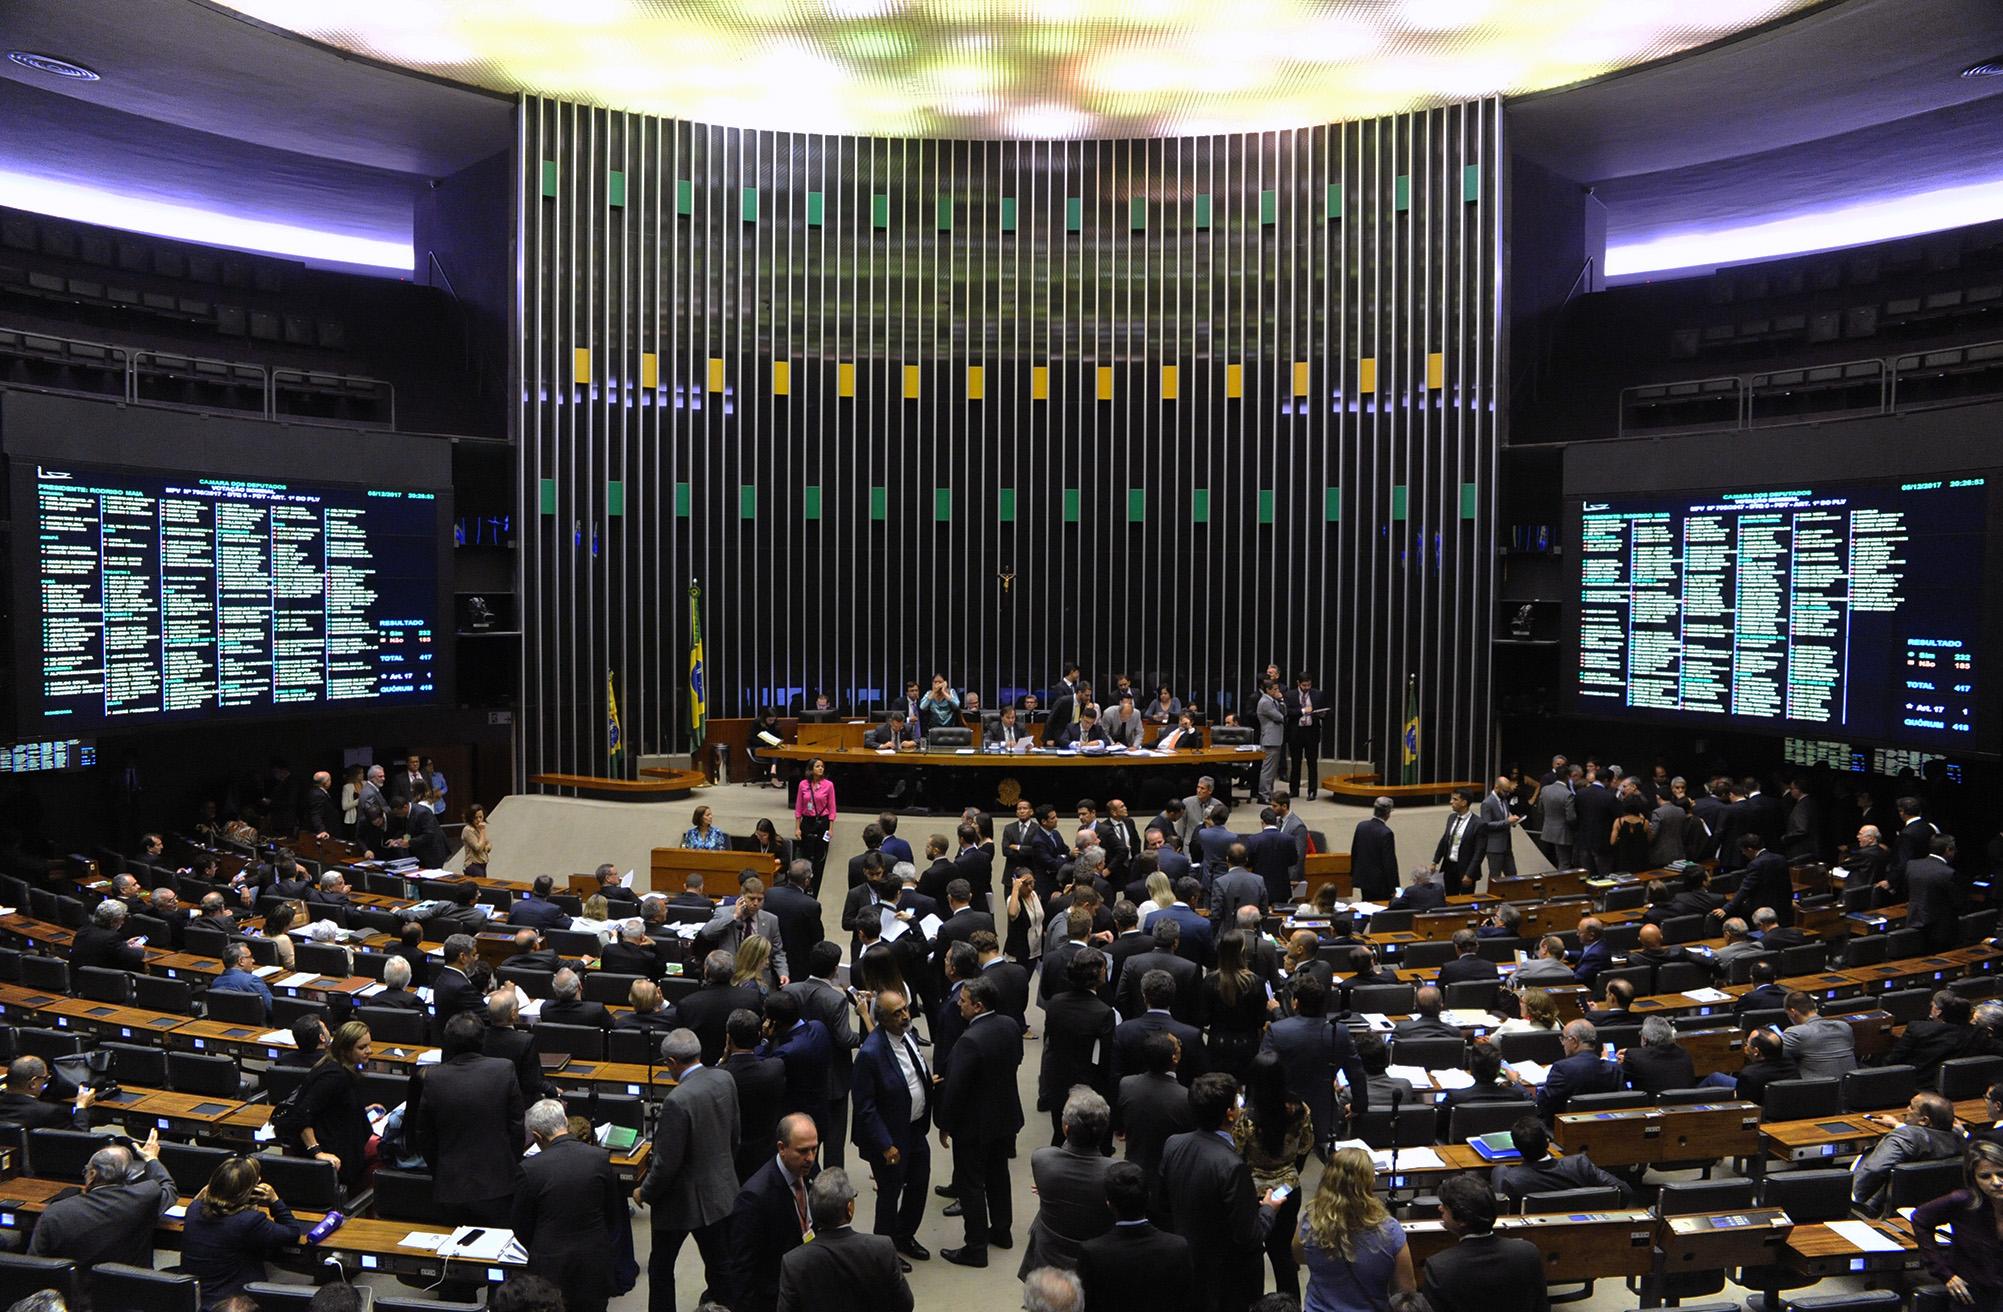 Na calada da noite, deputados concluem votação da MP que dá R$ 1 trilhão às petroleiras estrangeiras